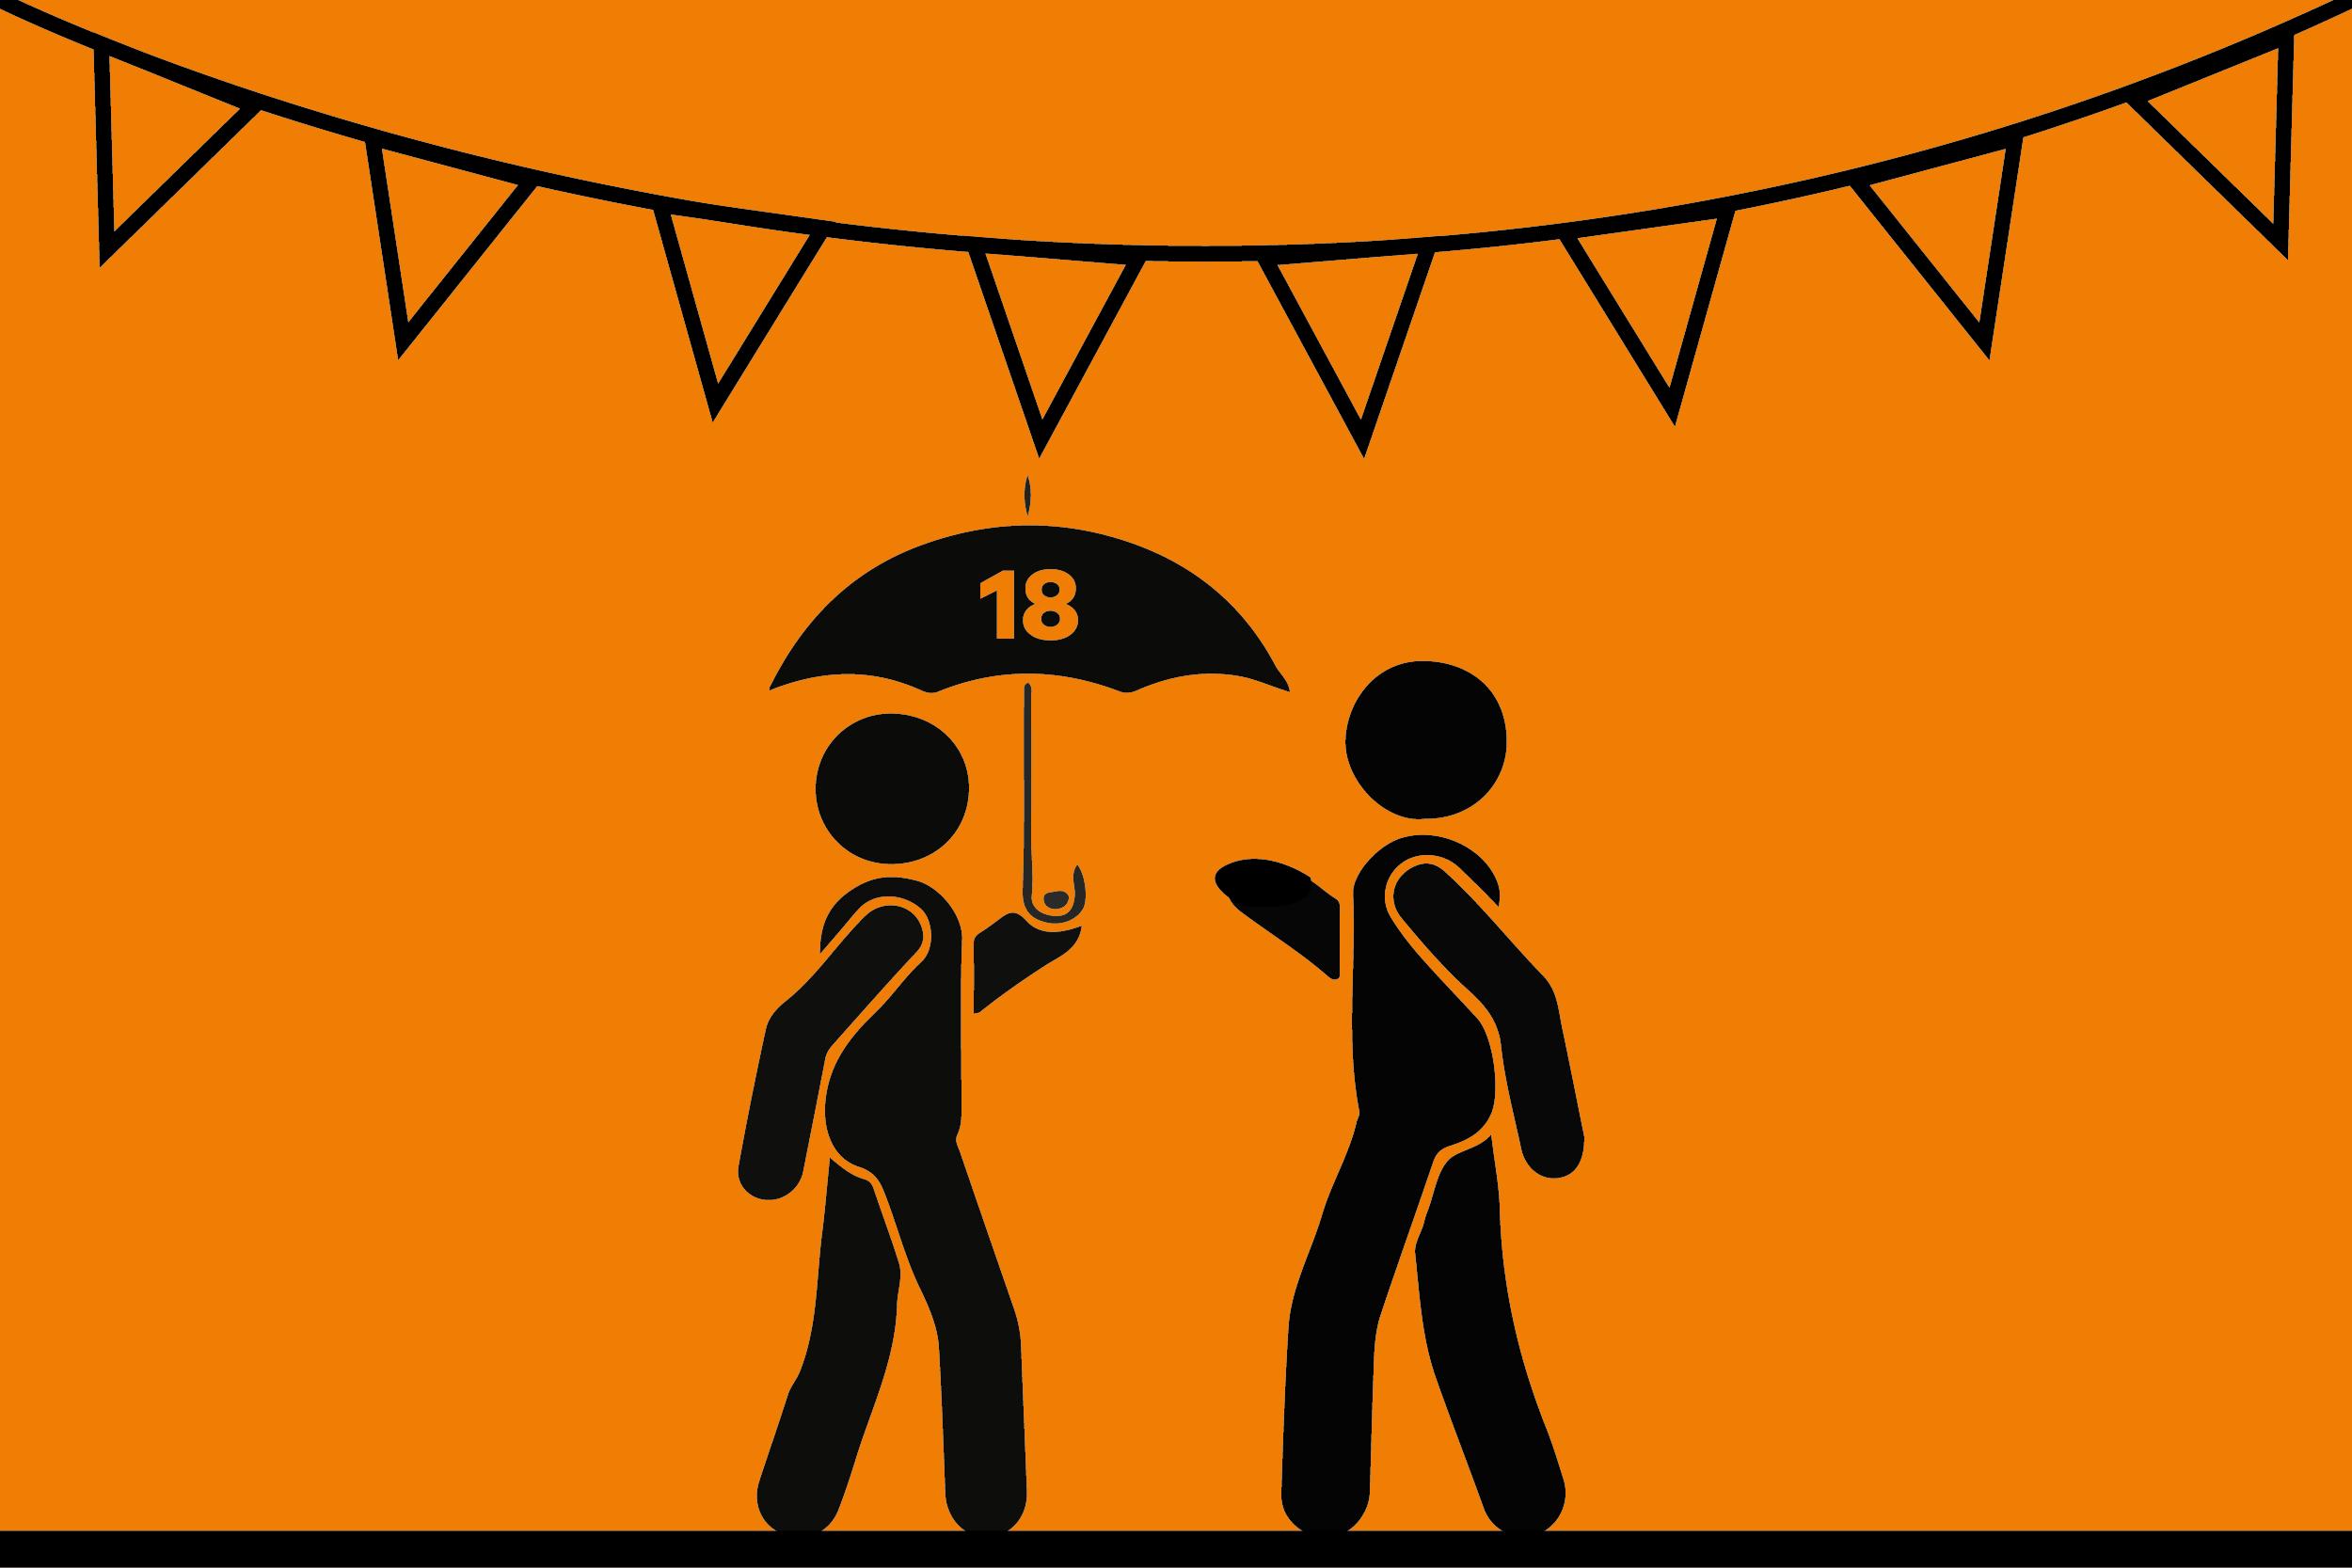 Welke verzekeringen zijn er nodig wanneer je kind 18 jaar wordt?